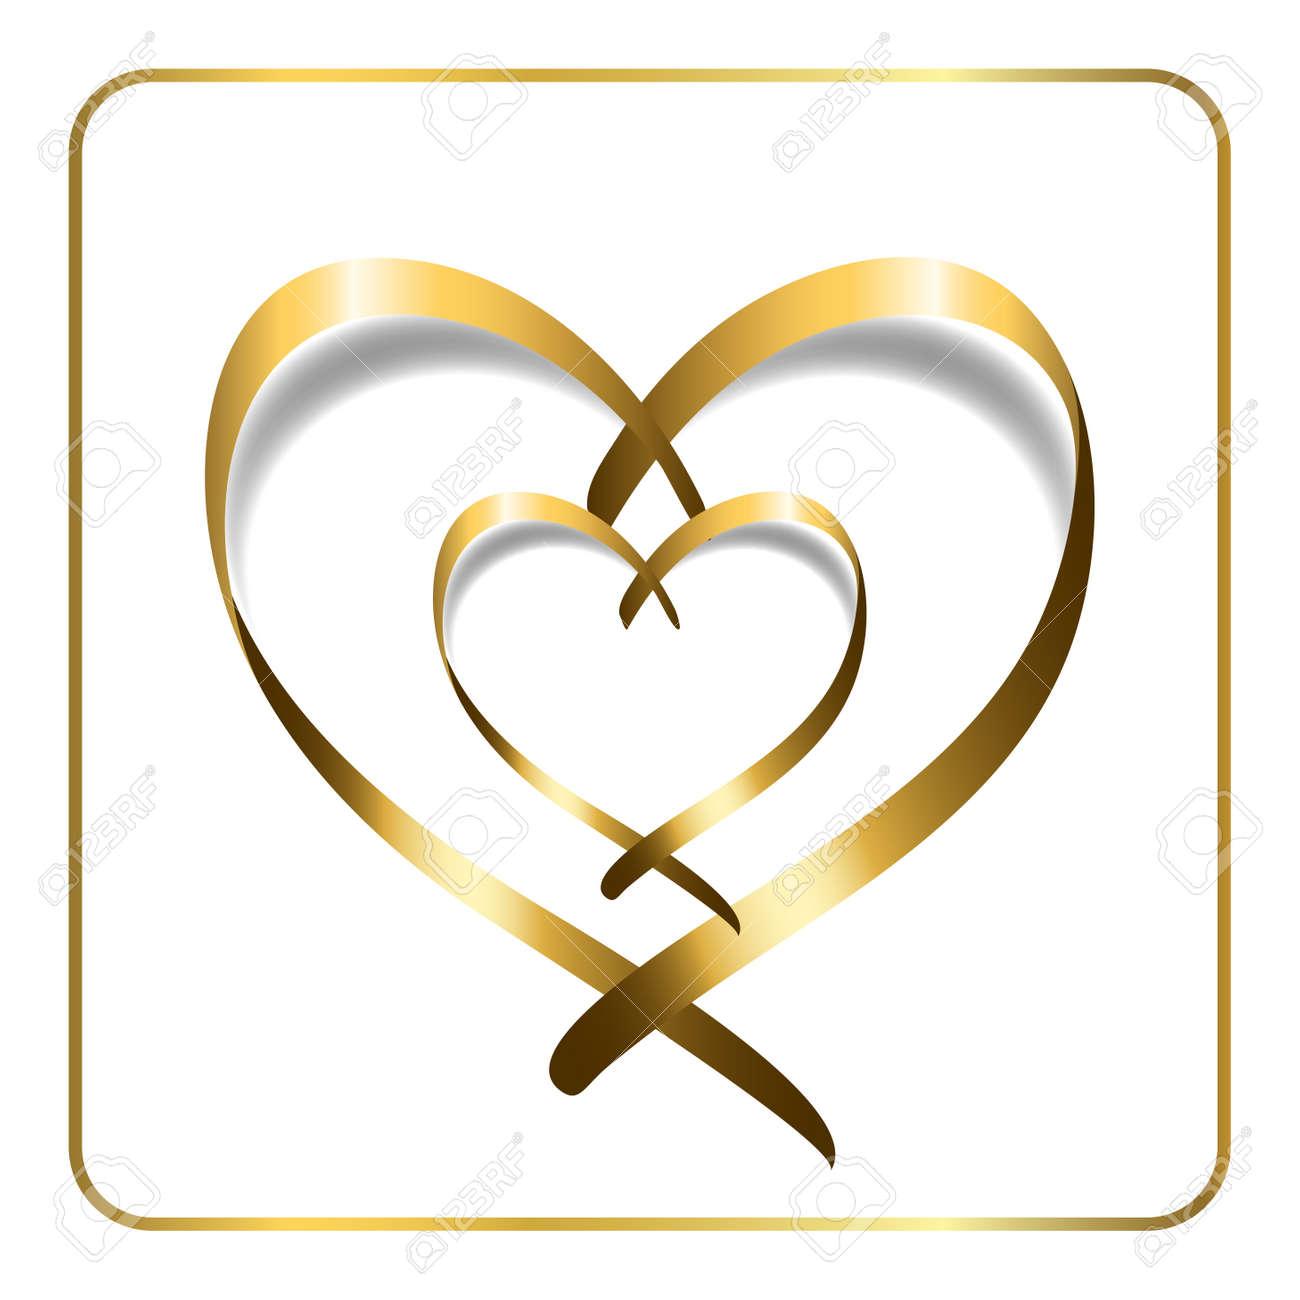 Goldbanddoppelherz Goldene Silhouette Isoliert Auf Weissem